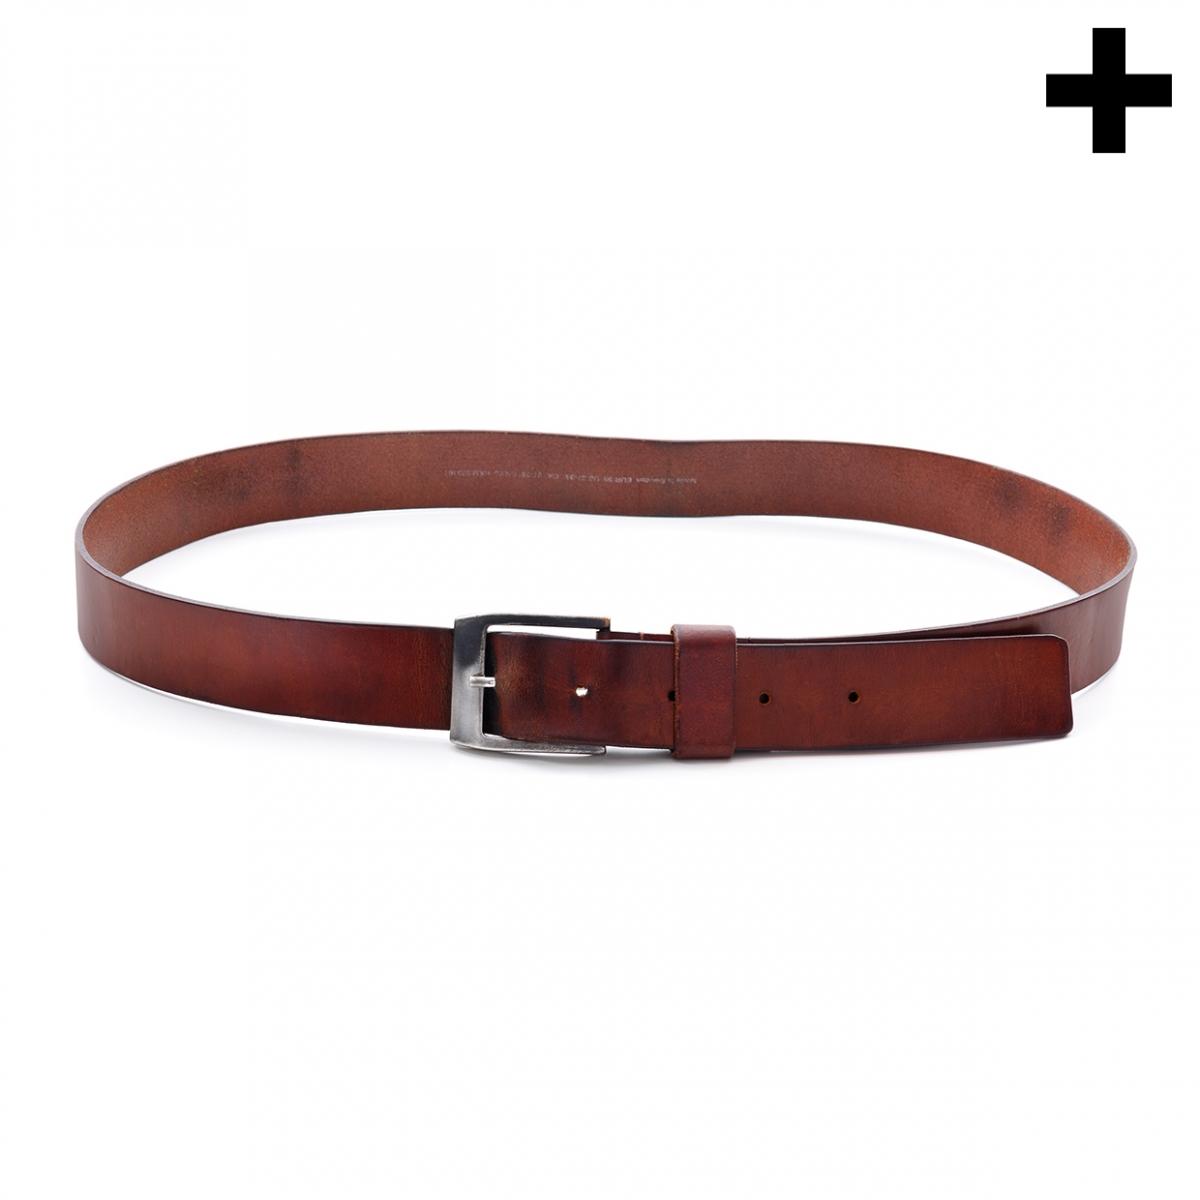 Imagen en la que se ve el plural del concepto cinturón